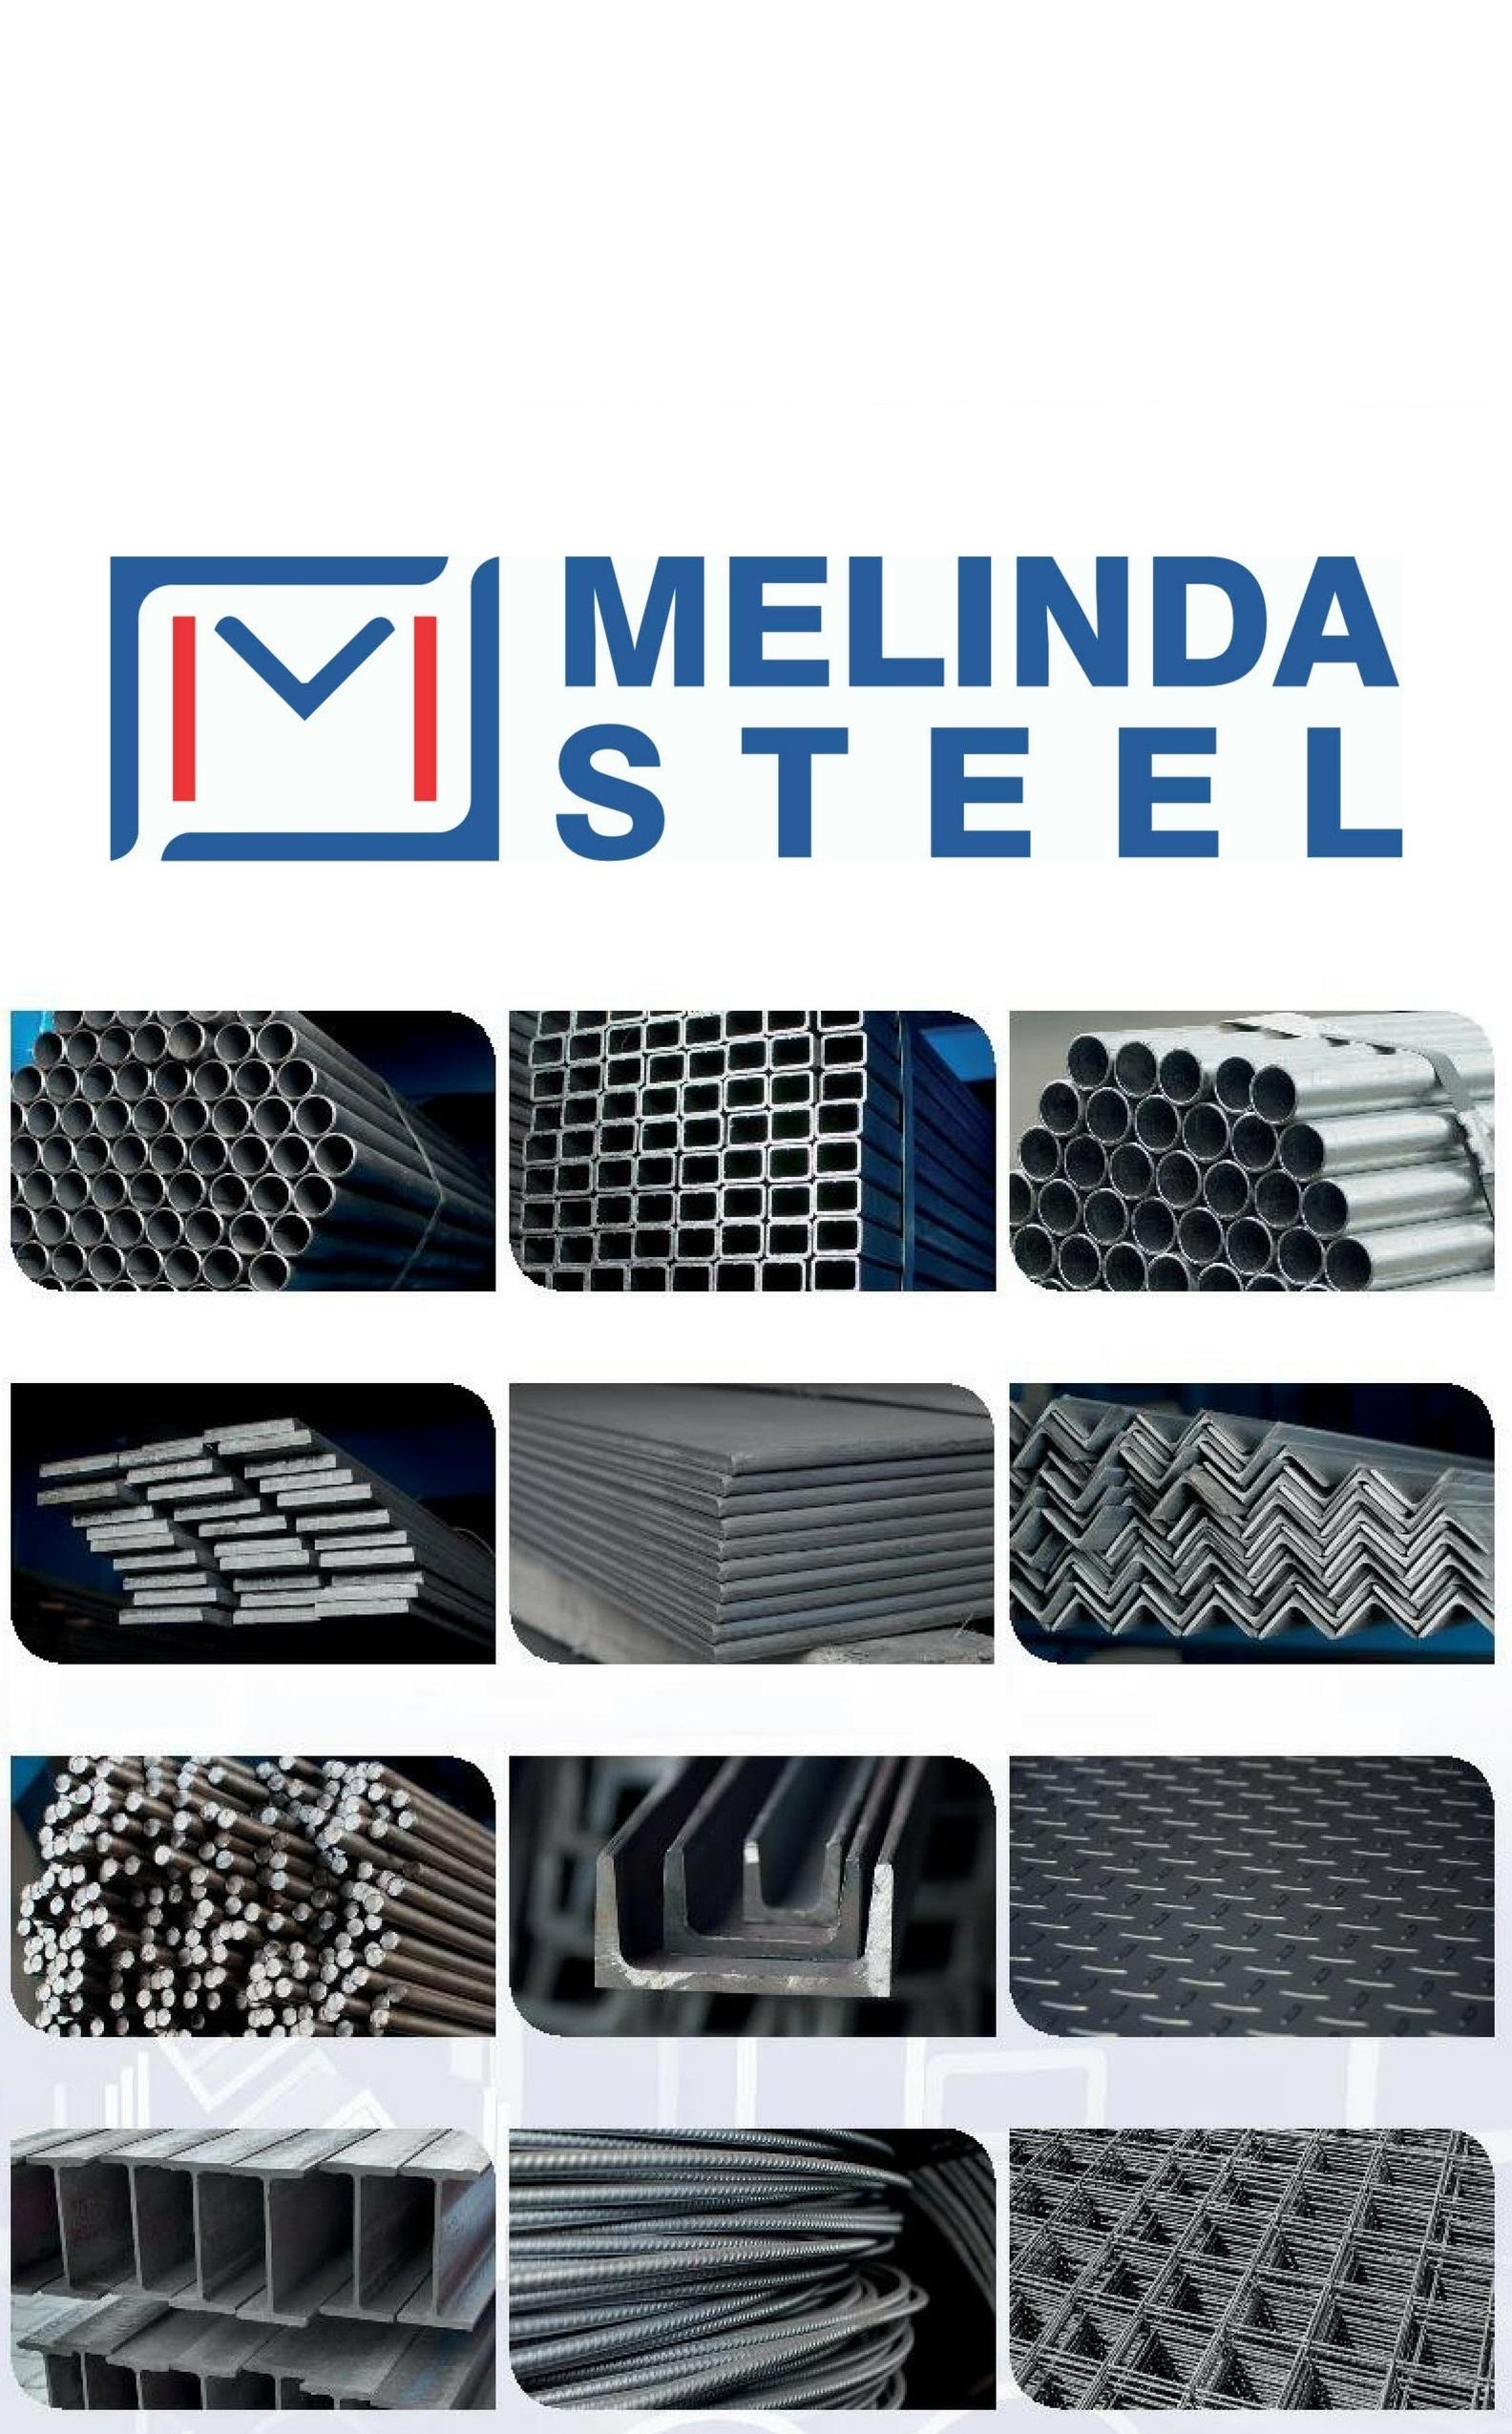 Melinda Steel, az acél szakértői